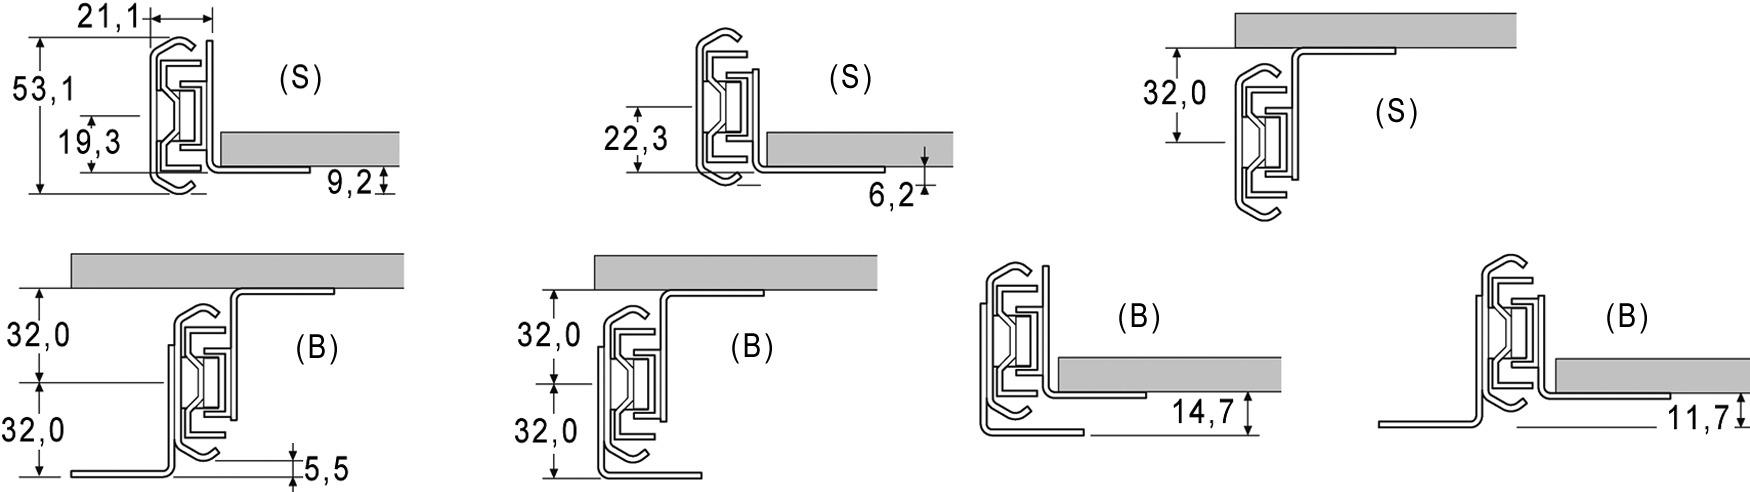 Equerres de montagepour coulisses à billes à double extension ACCURIDE 5321EC